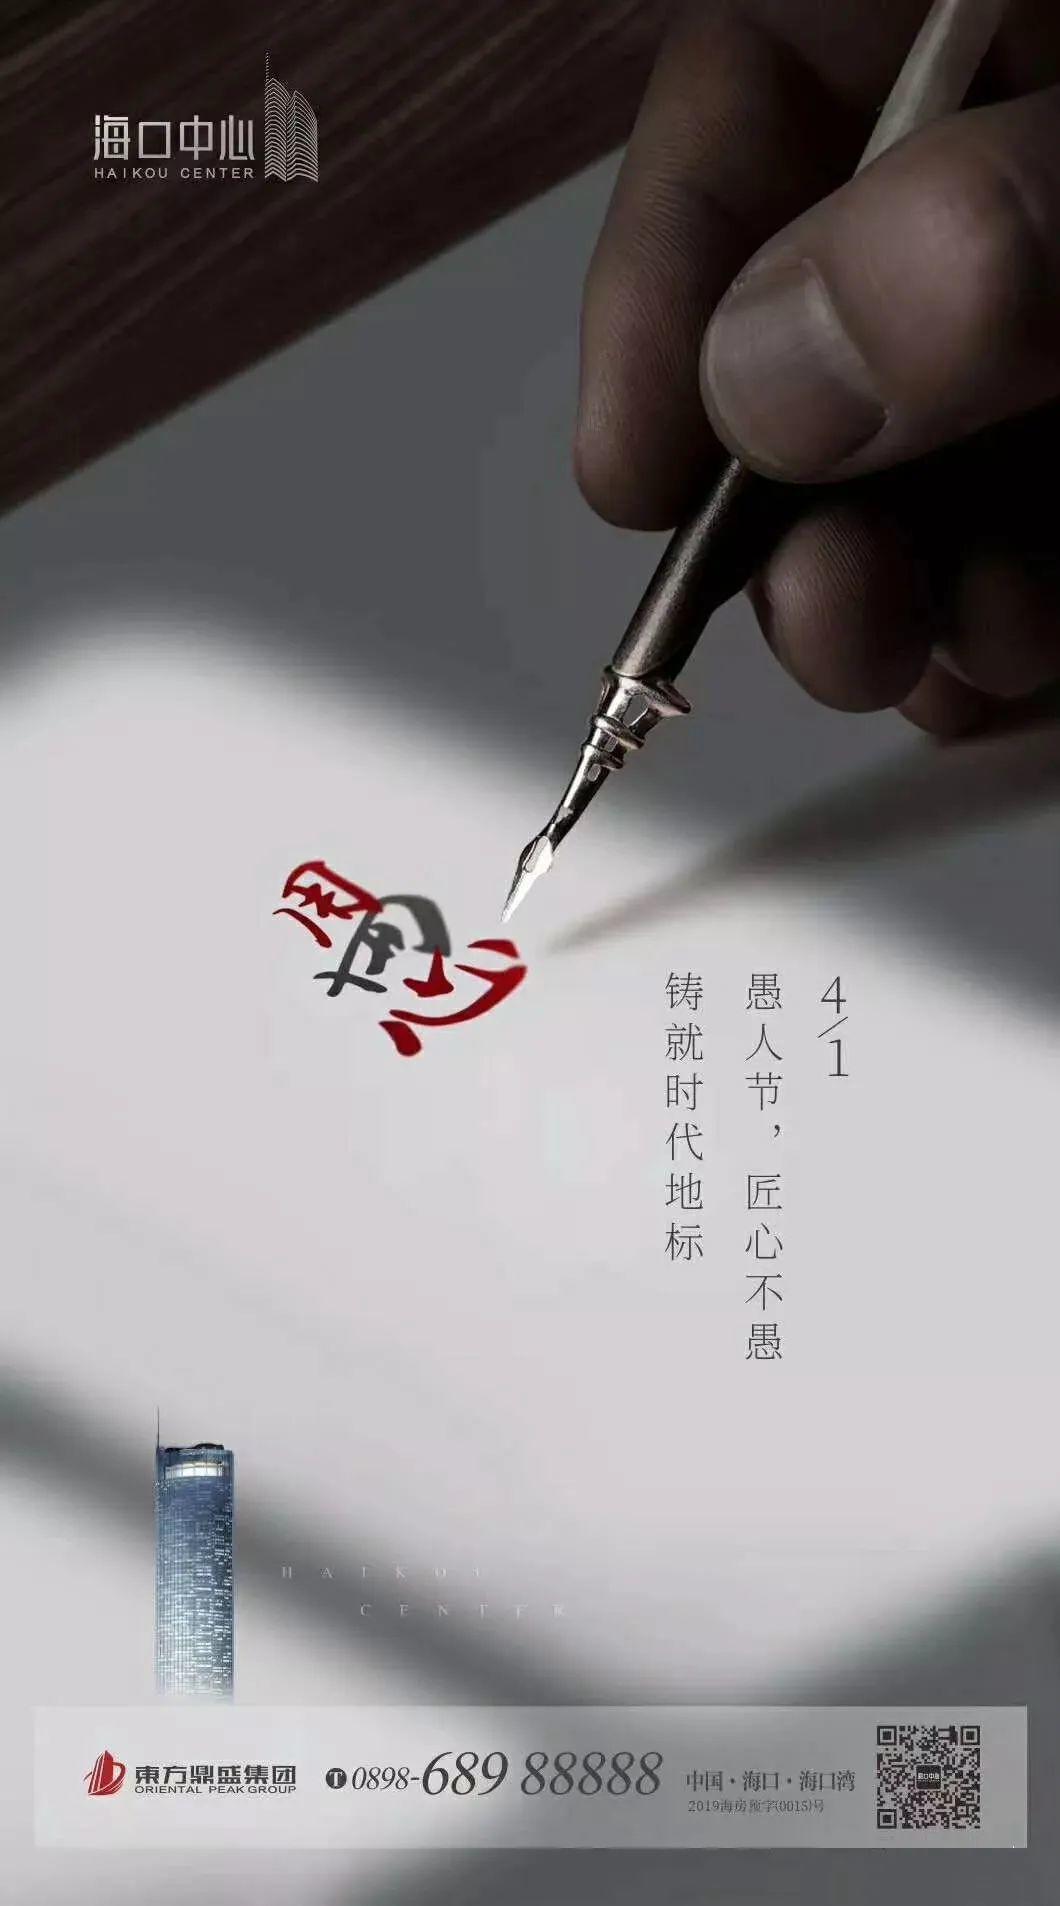 愚人节品牌借势海报文案,很全,没骗你!插图22